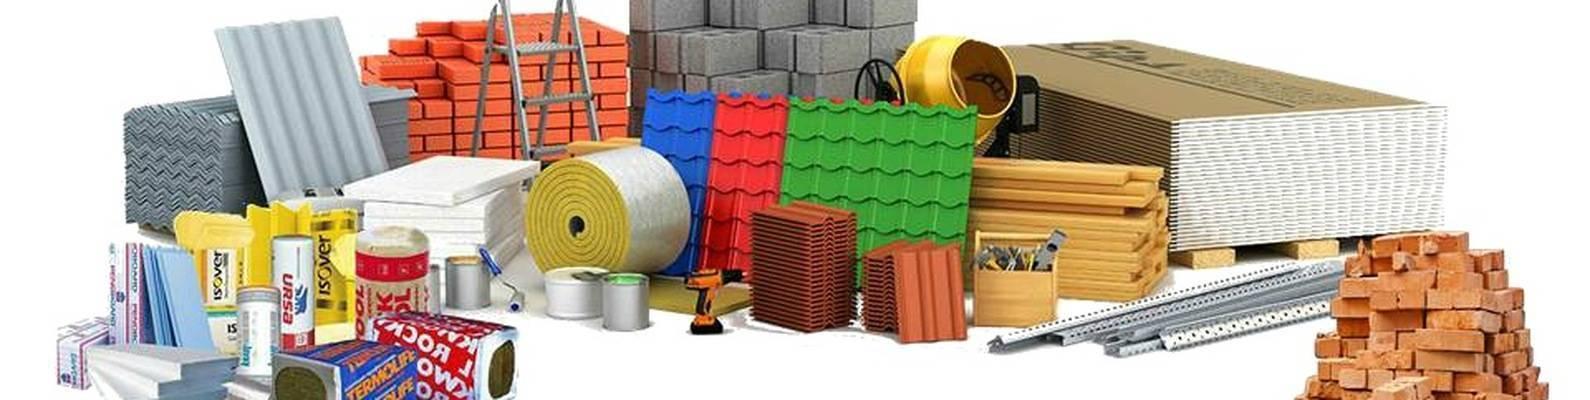 Новые строительные материалы: инновационные стройматериалы для отделки стен в квартире и доме, другие виды